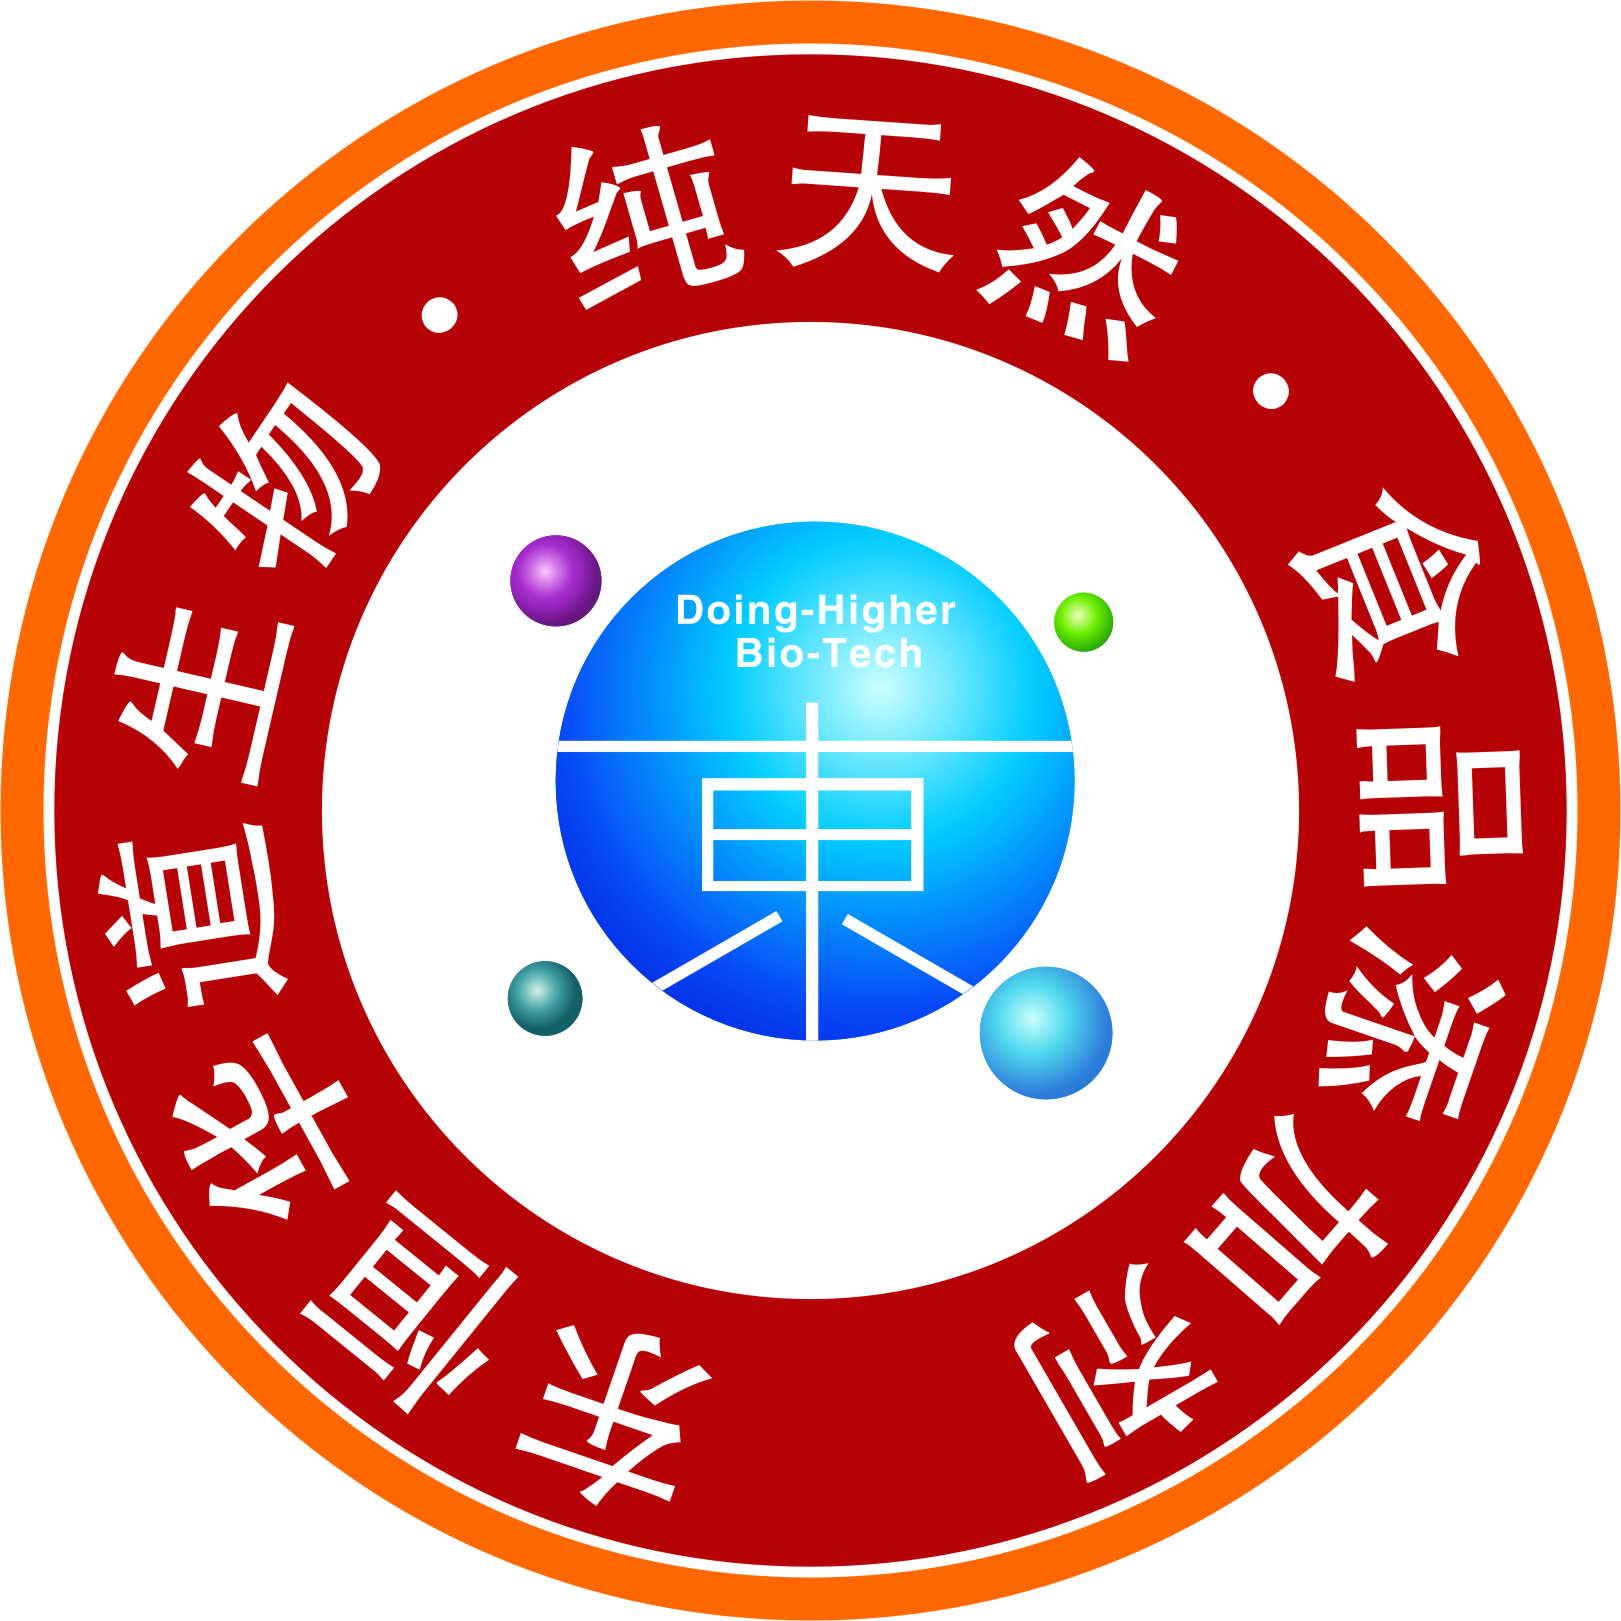 logo logo 标志 设计 矢量 矢量图 素材 图标 1621_1621